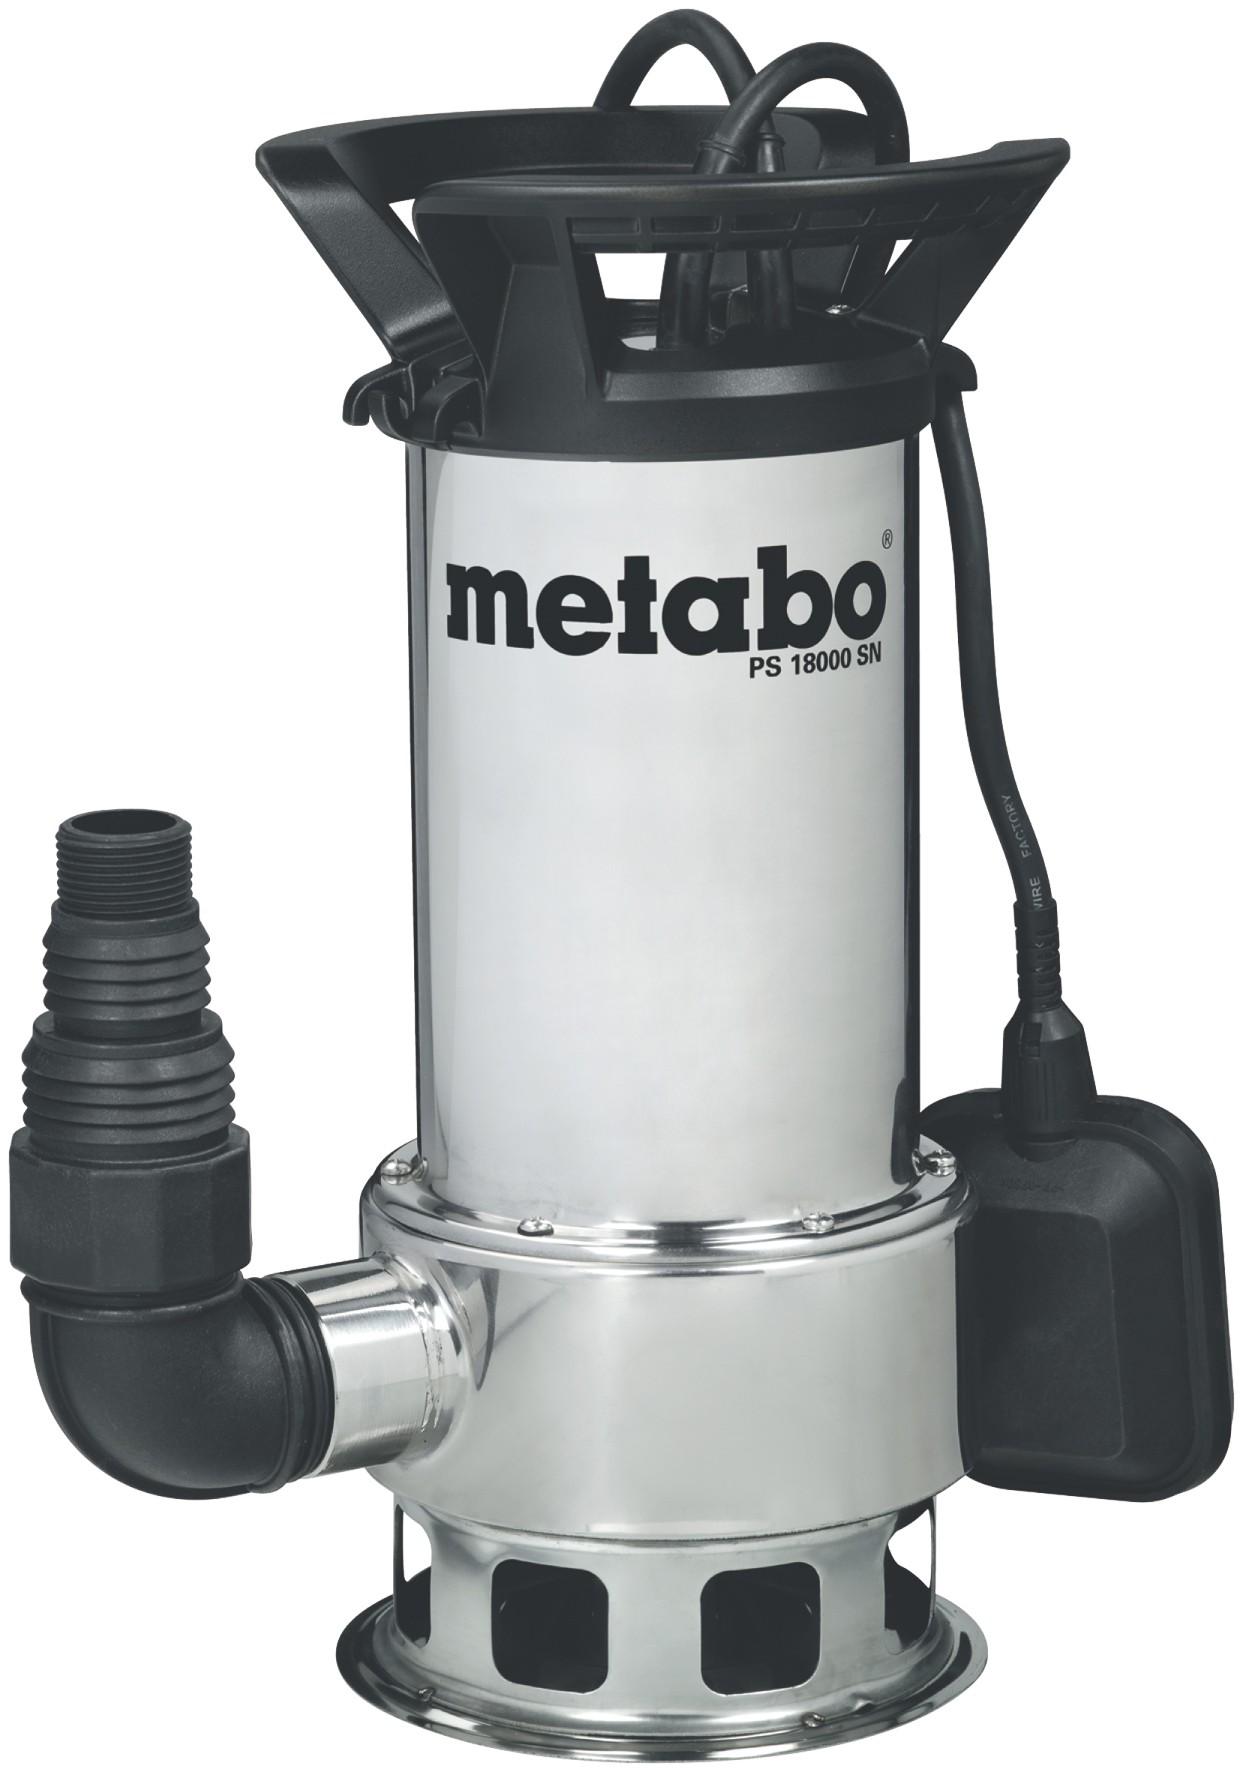 Metabo Schmutzwasser Tauchpumpe PS 18000 SN 1100Watt Bild 1